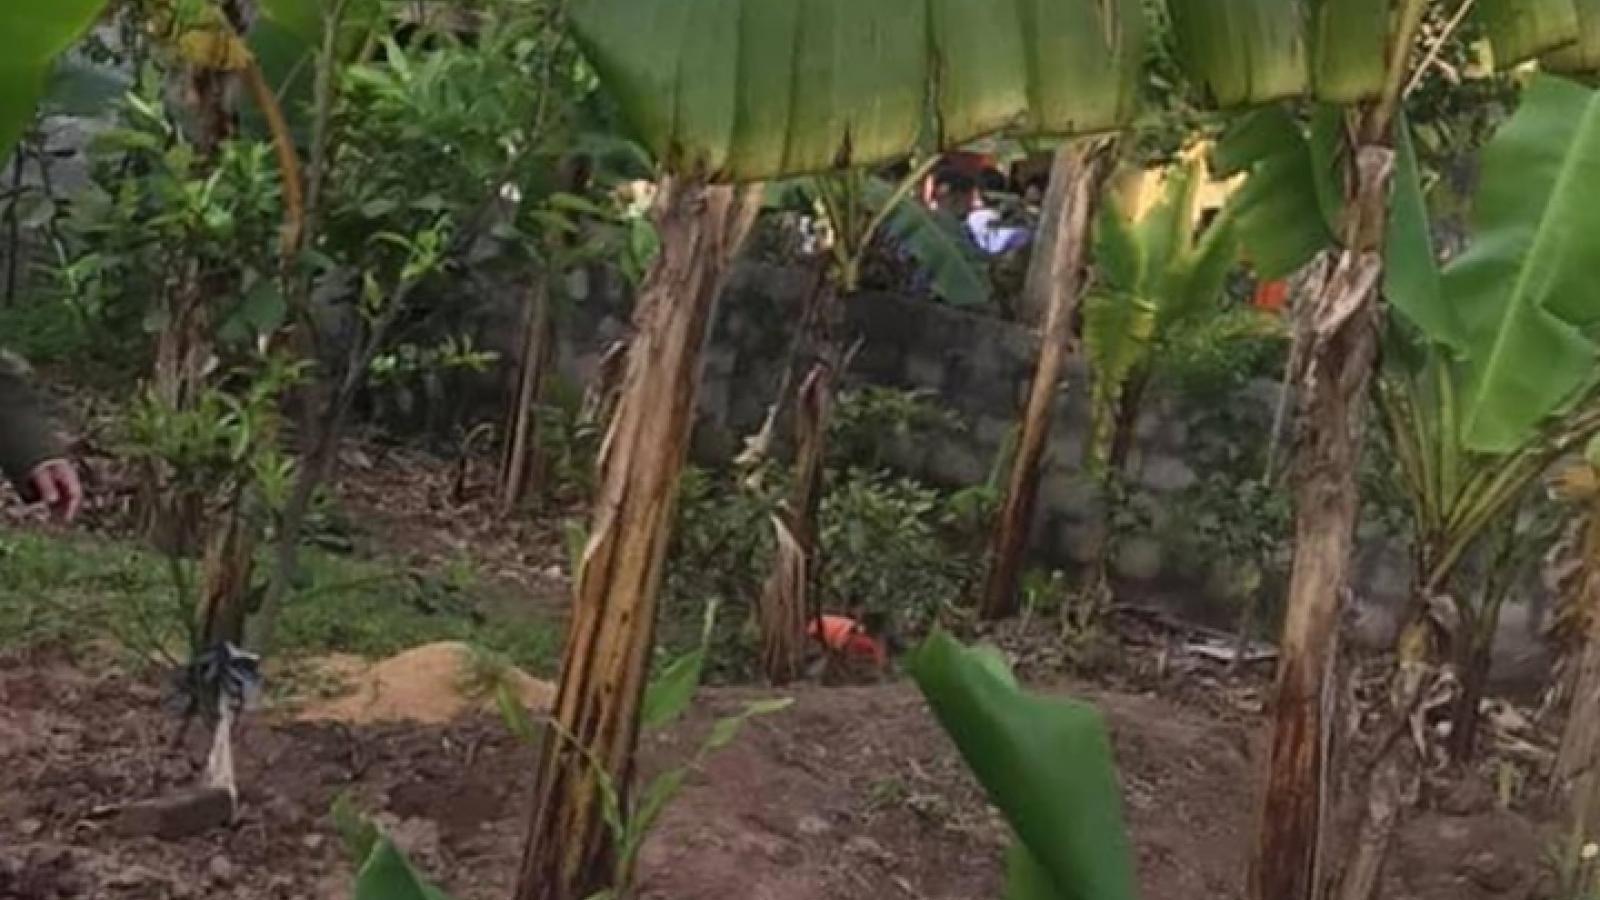 Nữ sinh lớp 10 tử vong bất thường tại vườn chuối ở Hà Nam